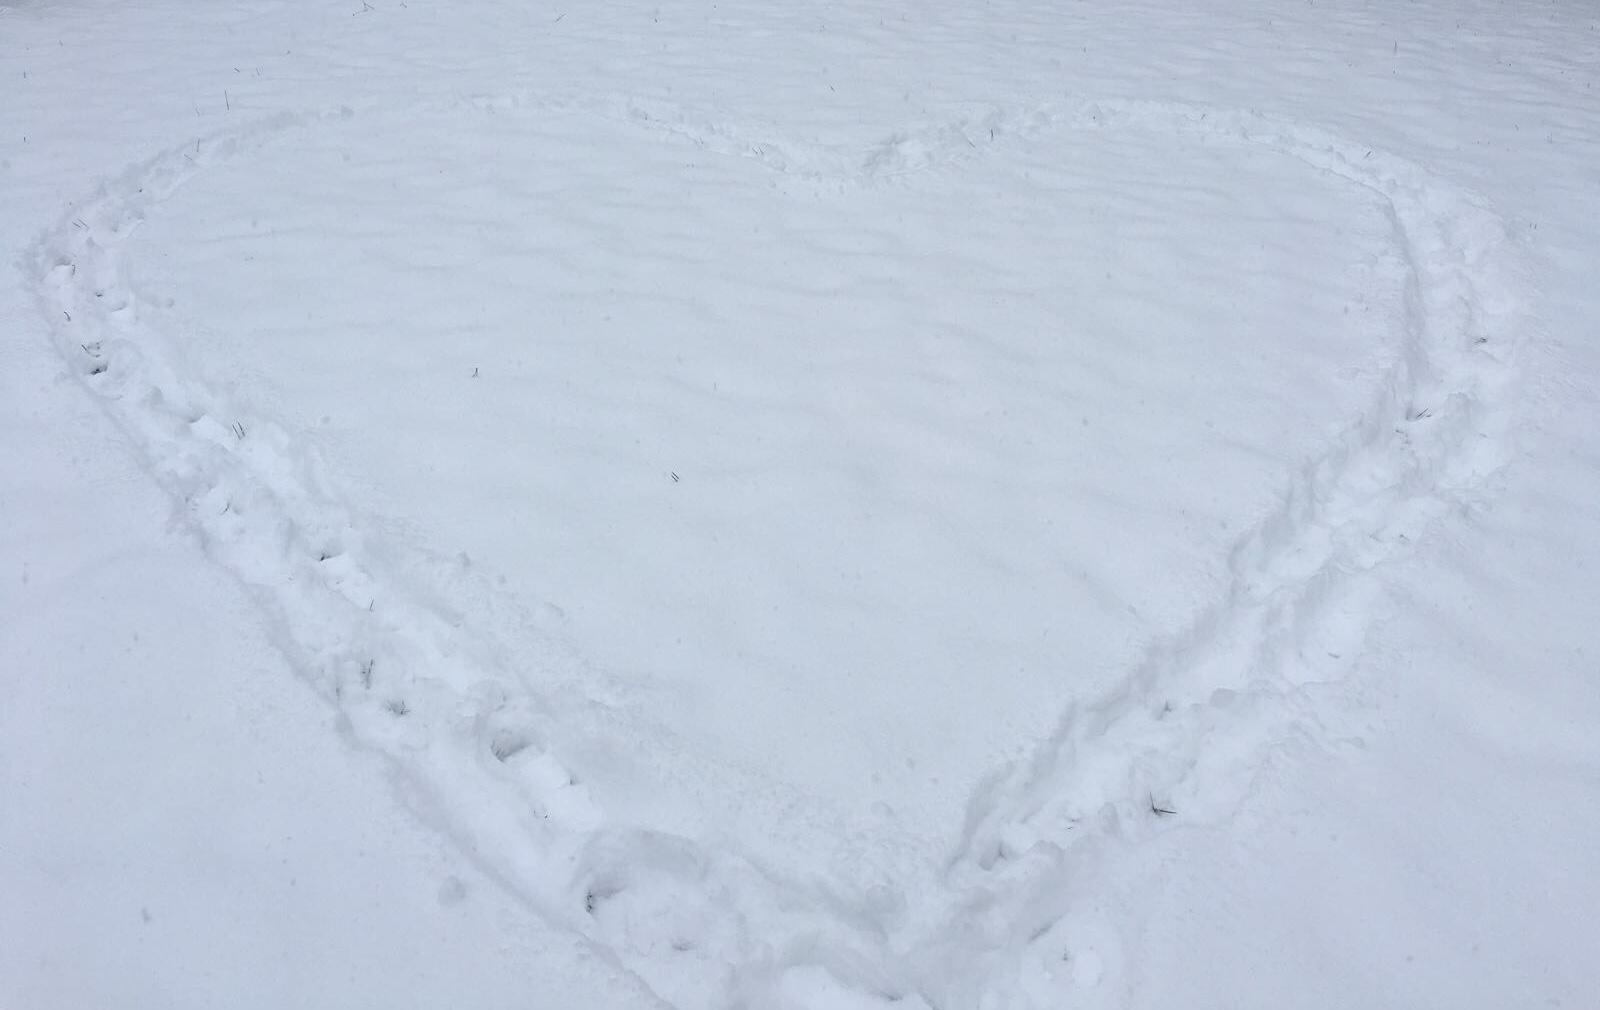 Vorbereitungen im Schnee